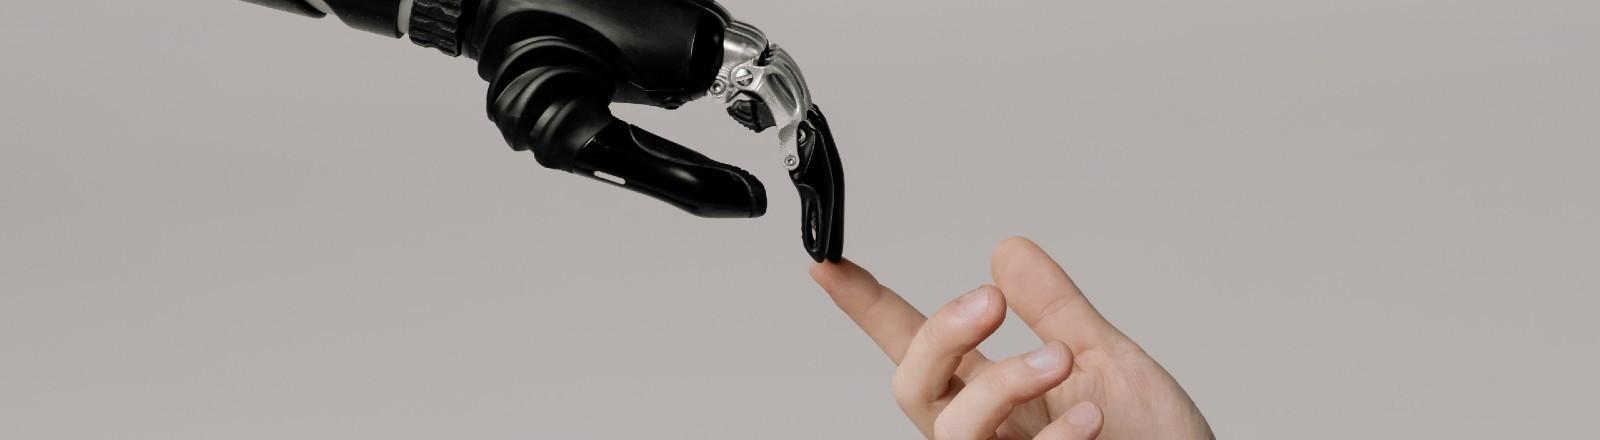 Eine Roboterhand berührt einen menschlichen Finger